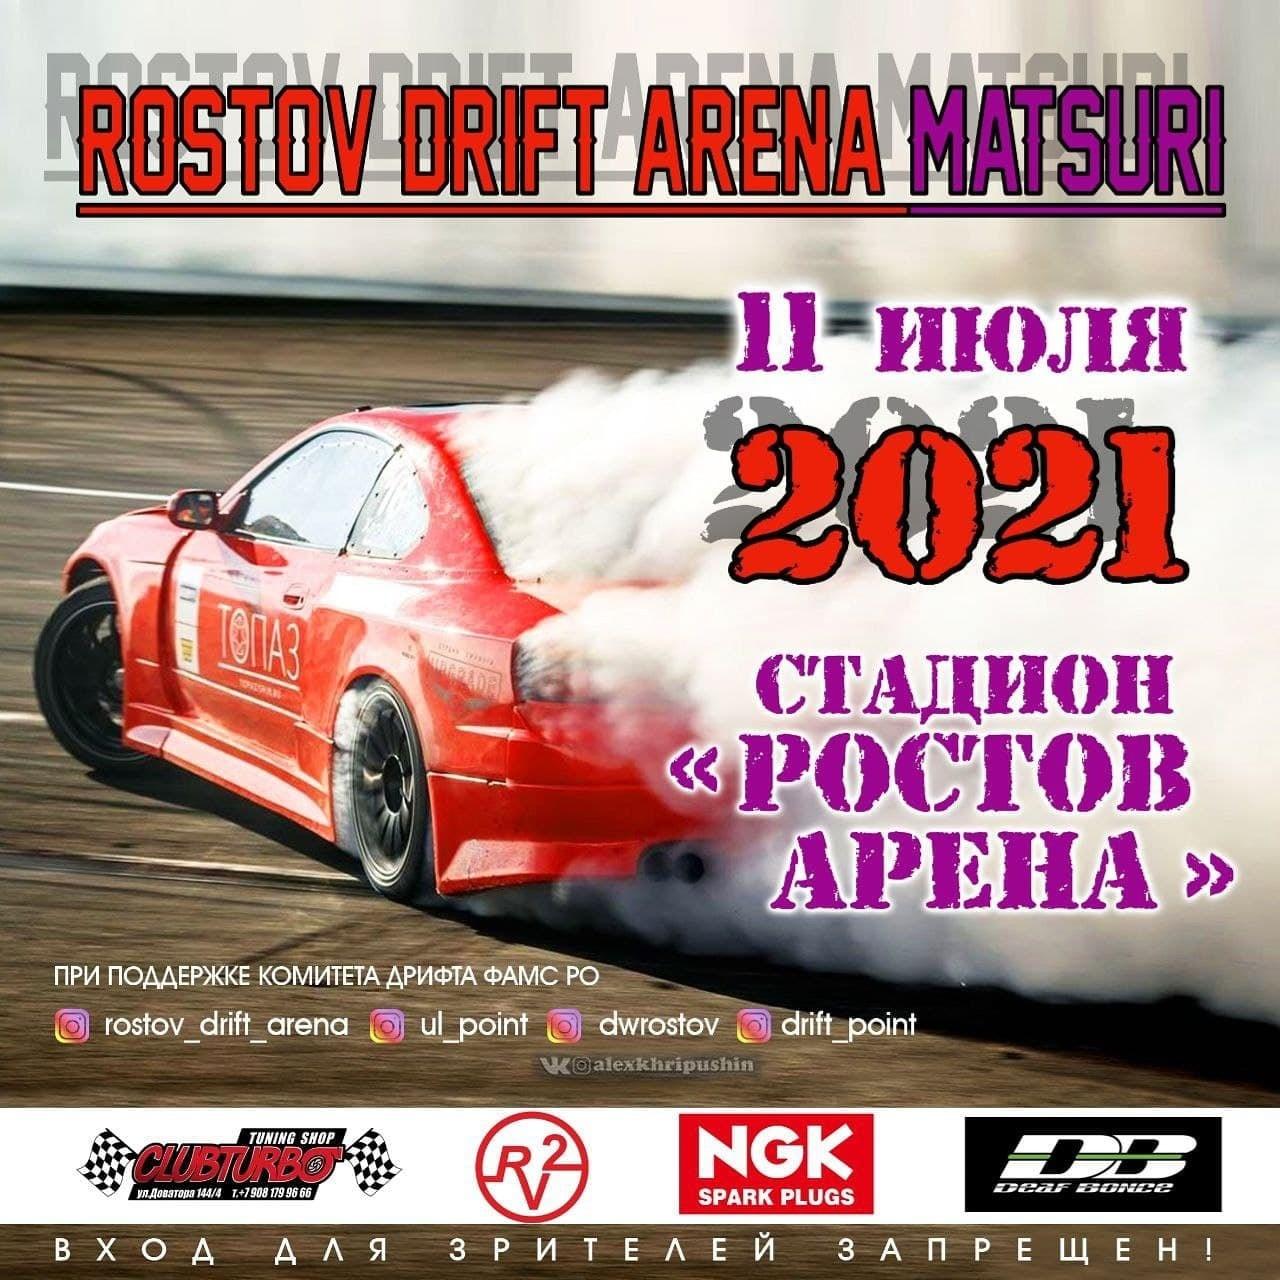 Rostov Drift Arena Matsuri